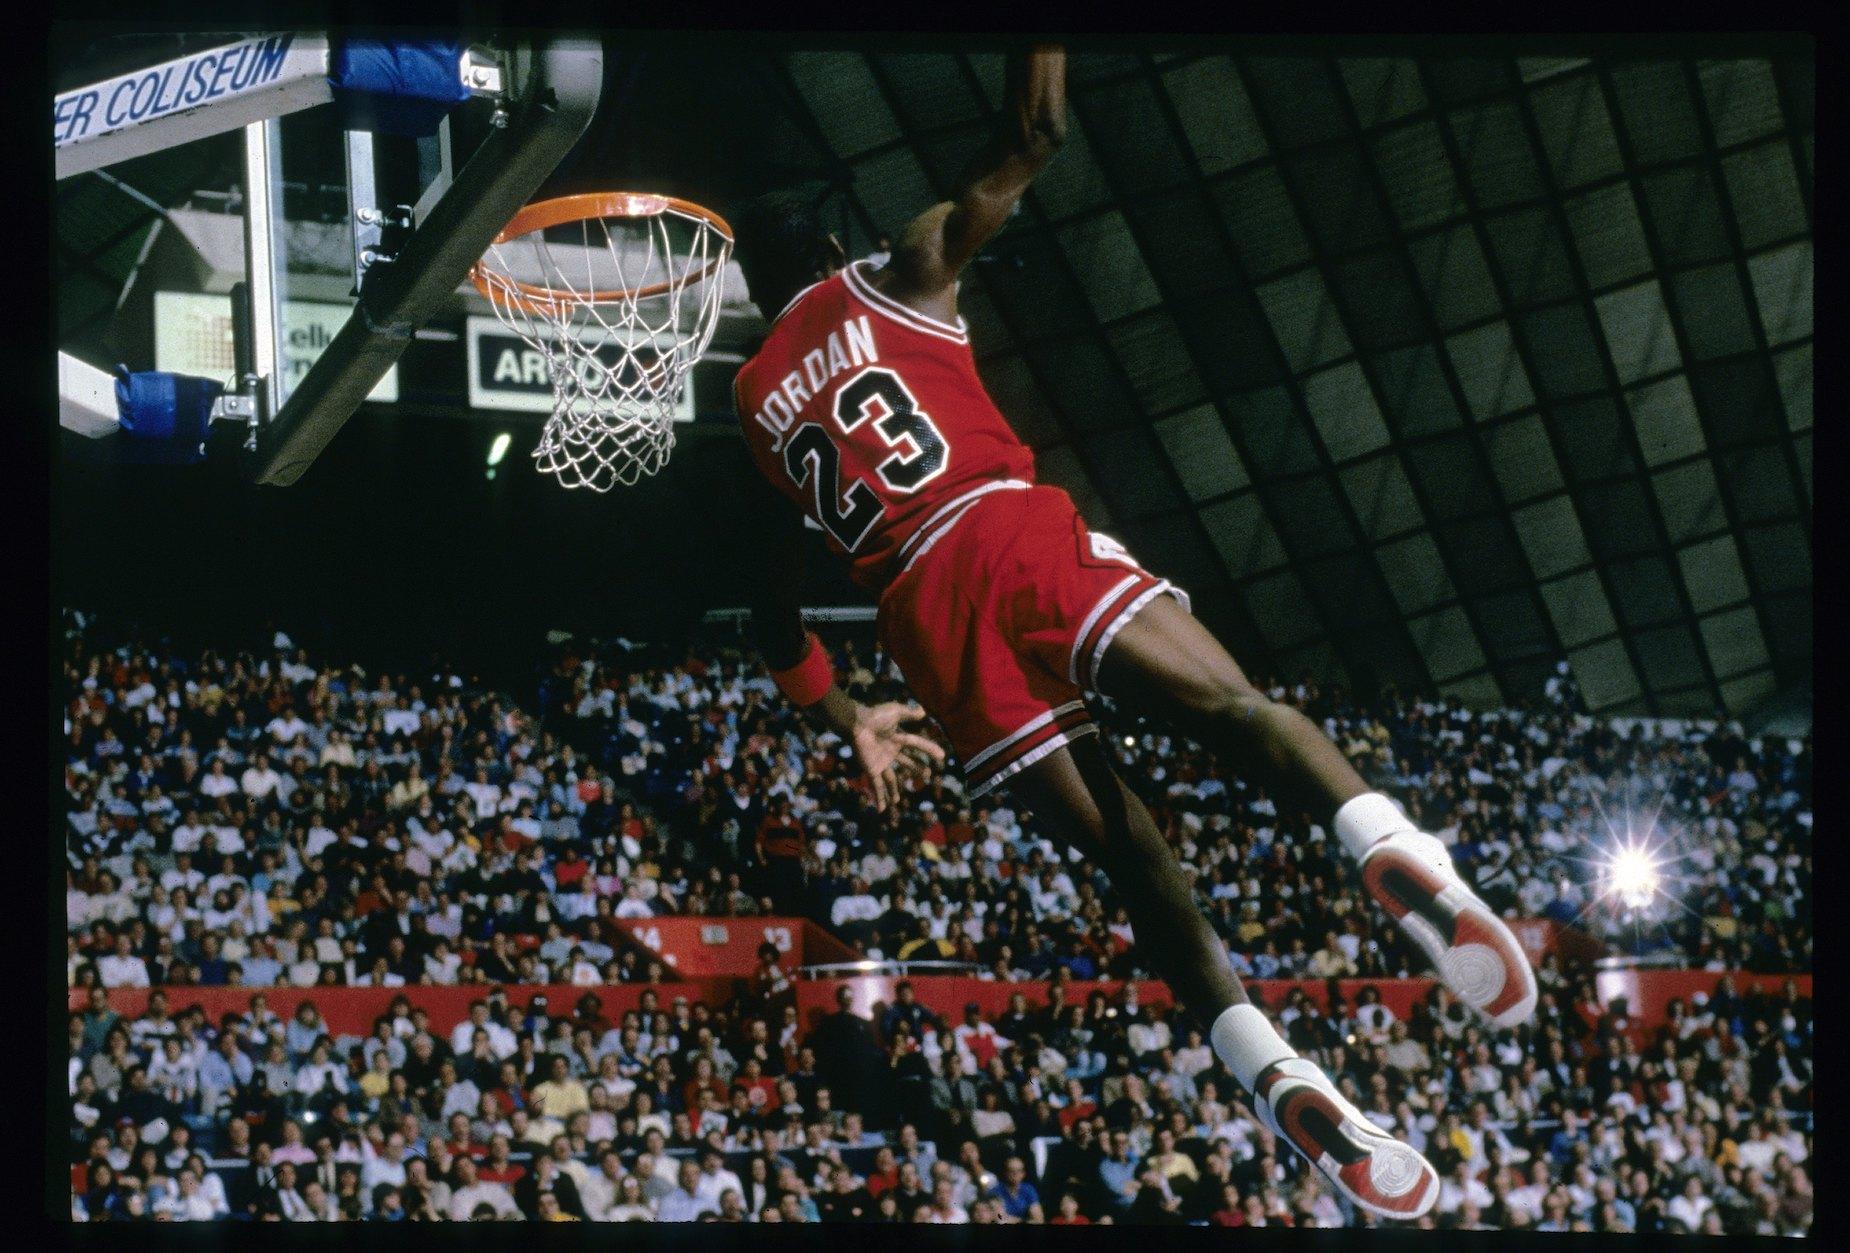 Michael Jordan, whose greatness earned him plenty of nicknames, dunks for the Chicago Bulls.